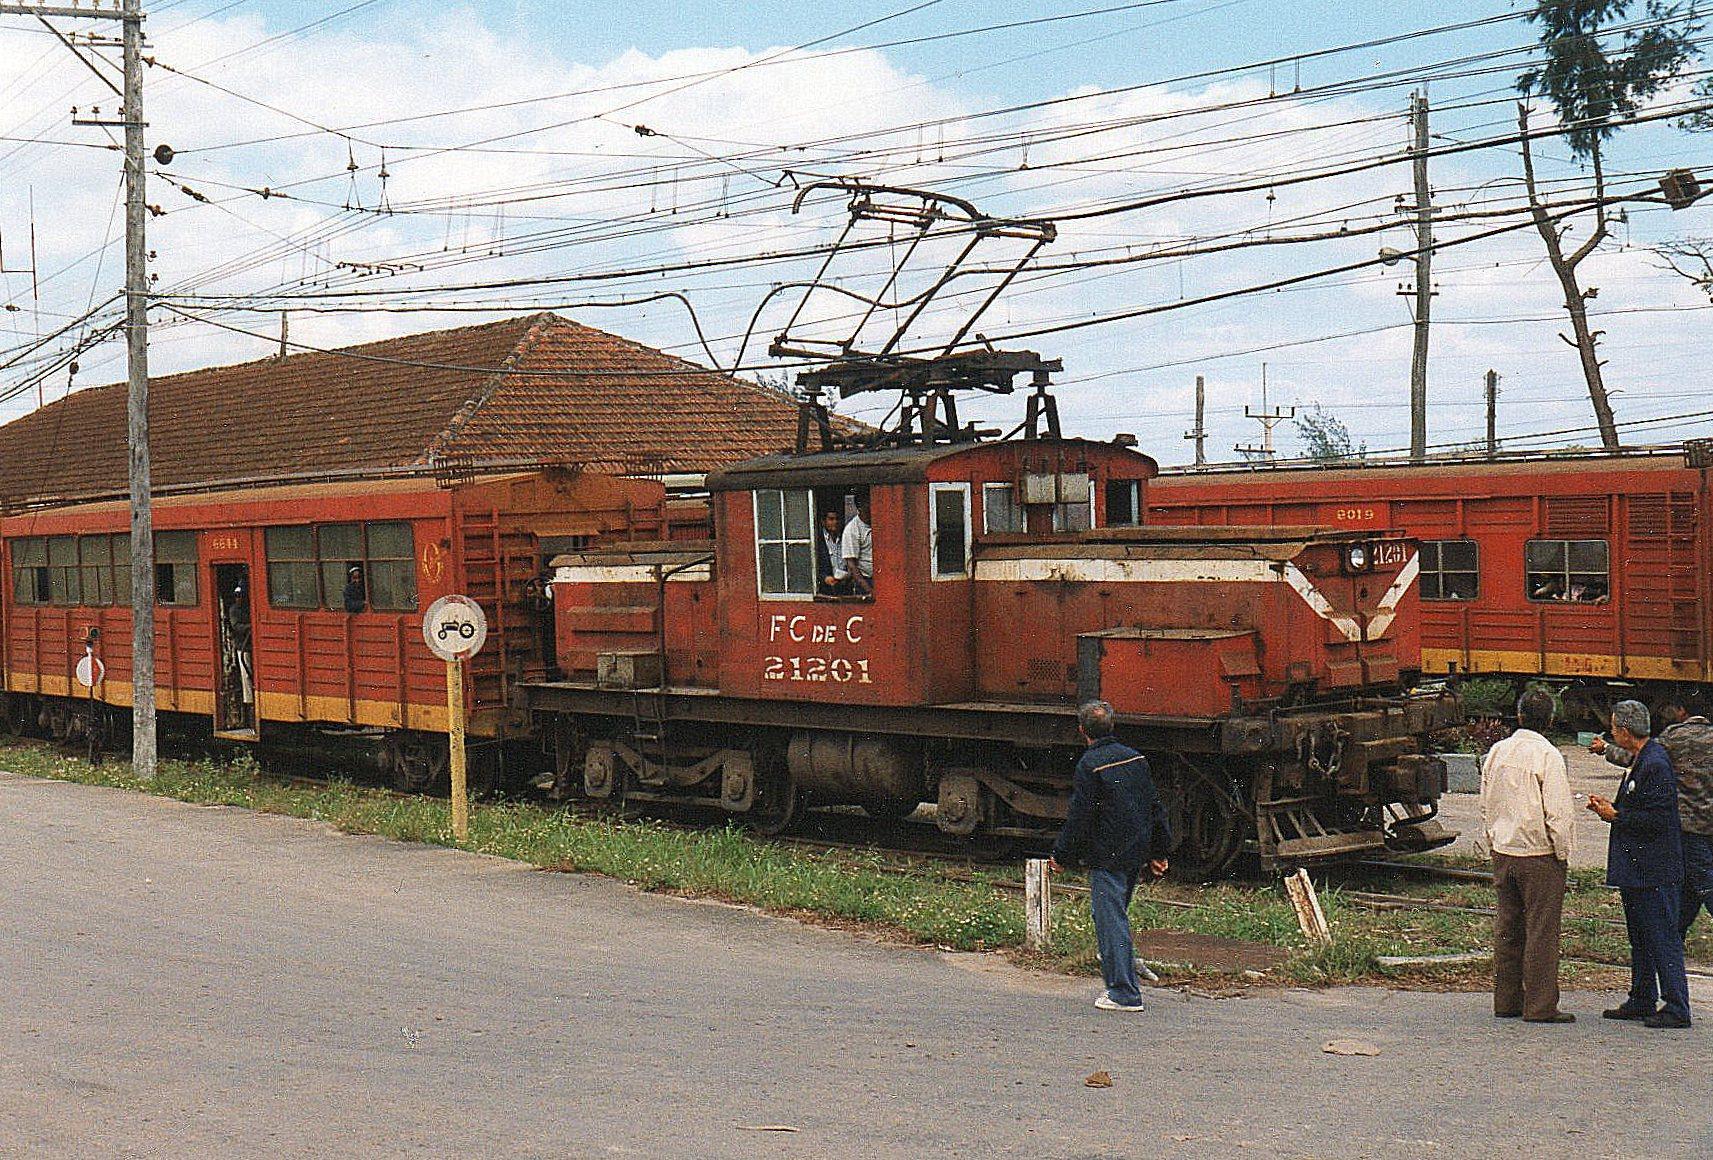 FCC 21201 også fra Generel Electric, men med ukendt byggenummer og -år i Calilo Cienfuegos. Vognene er ombyggede rumænske godsvogne. Toget krydsede her det tog, vi ankom med, der sås på modsatte perronside. Bemærk forbudsskiltet og traktoren!